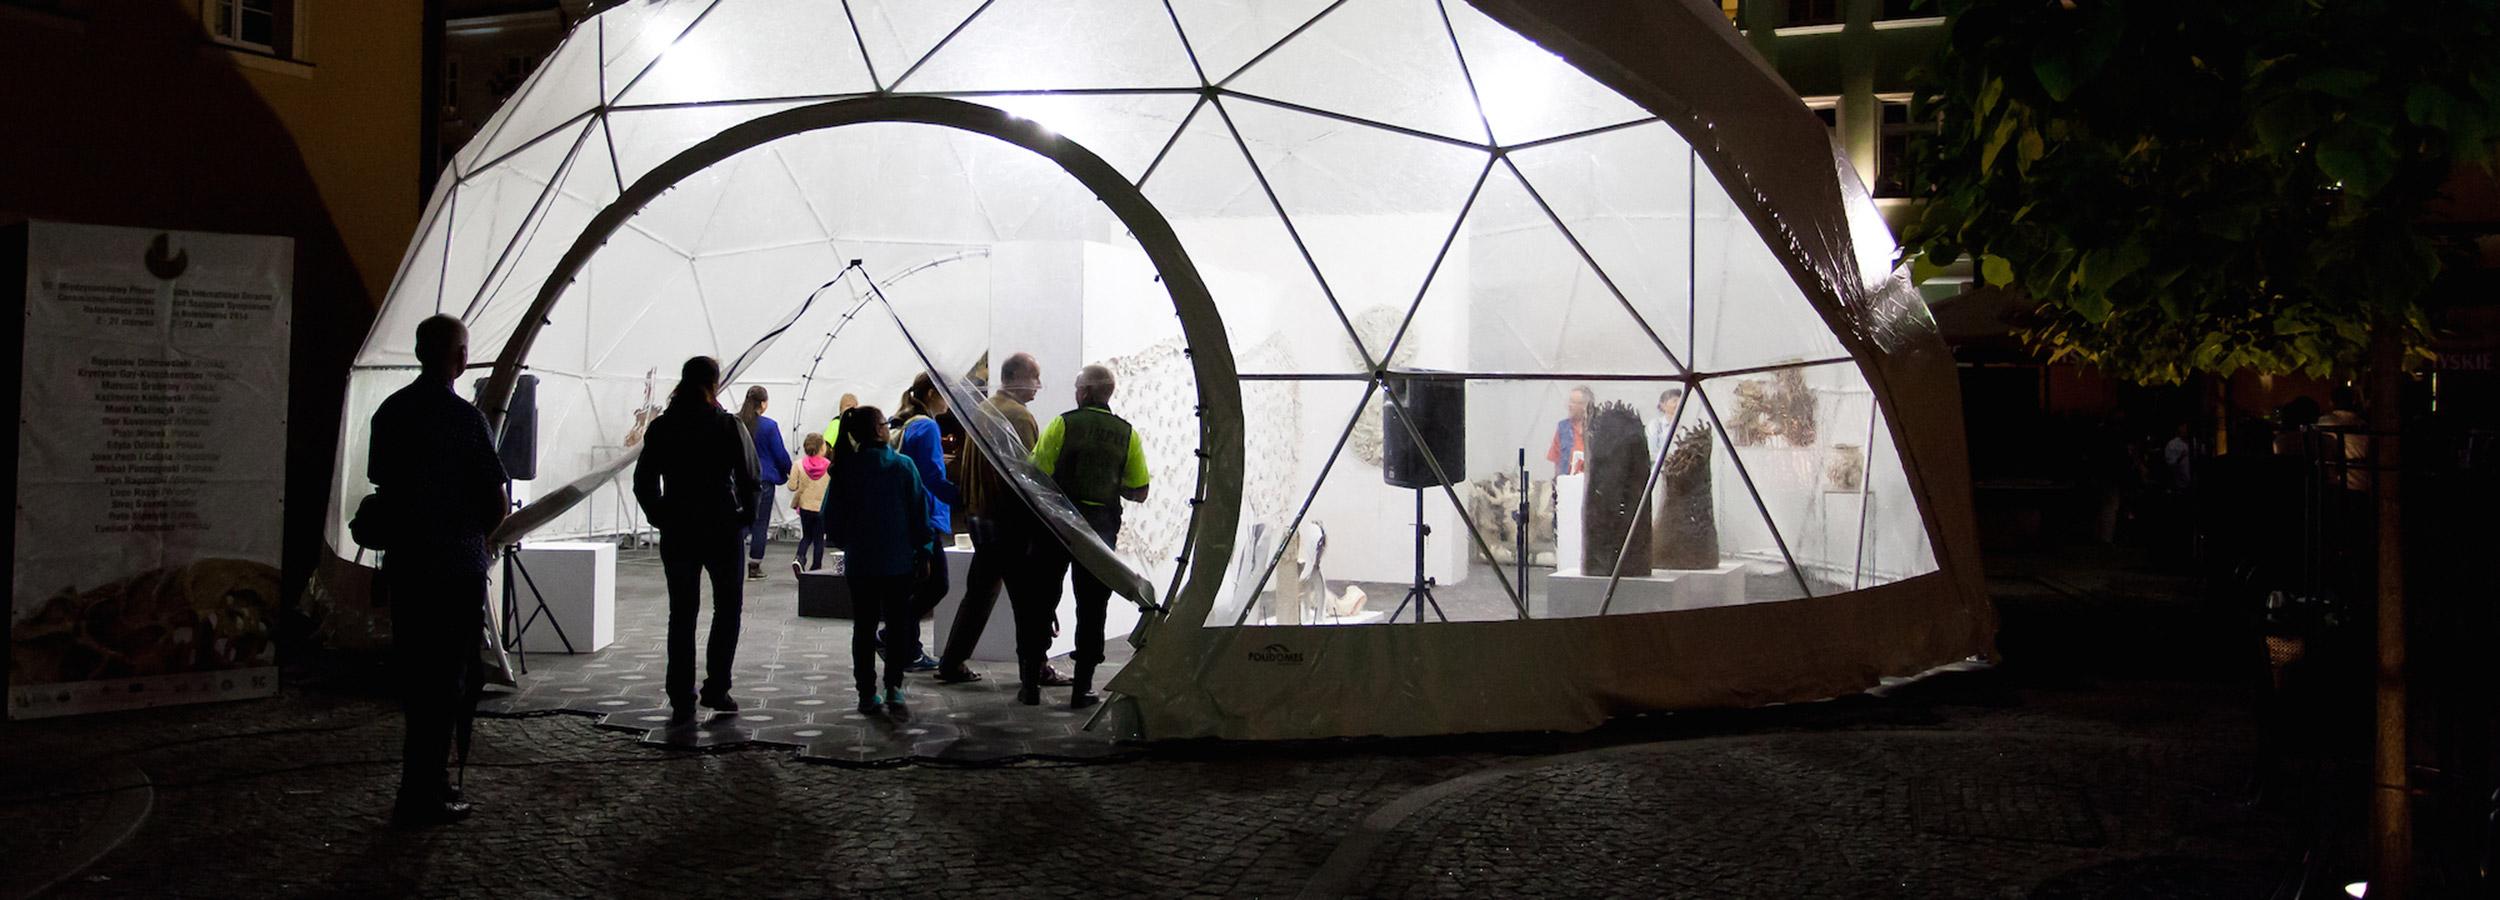 Namiot przezroczysty